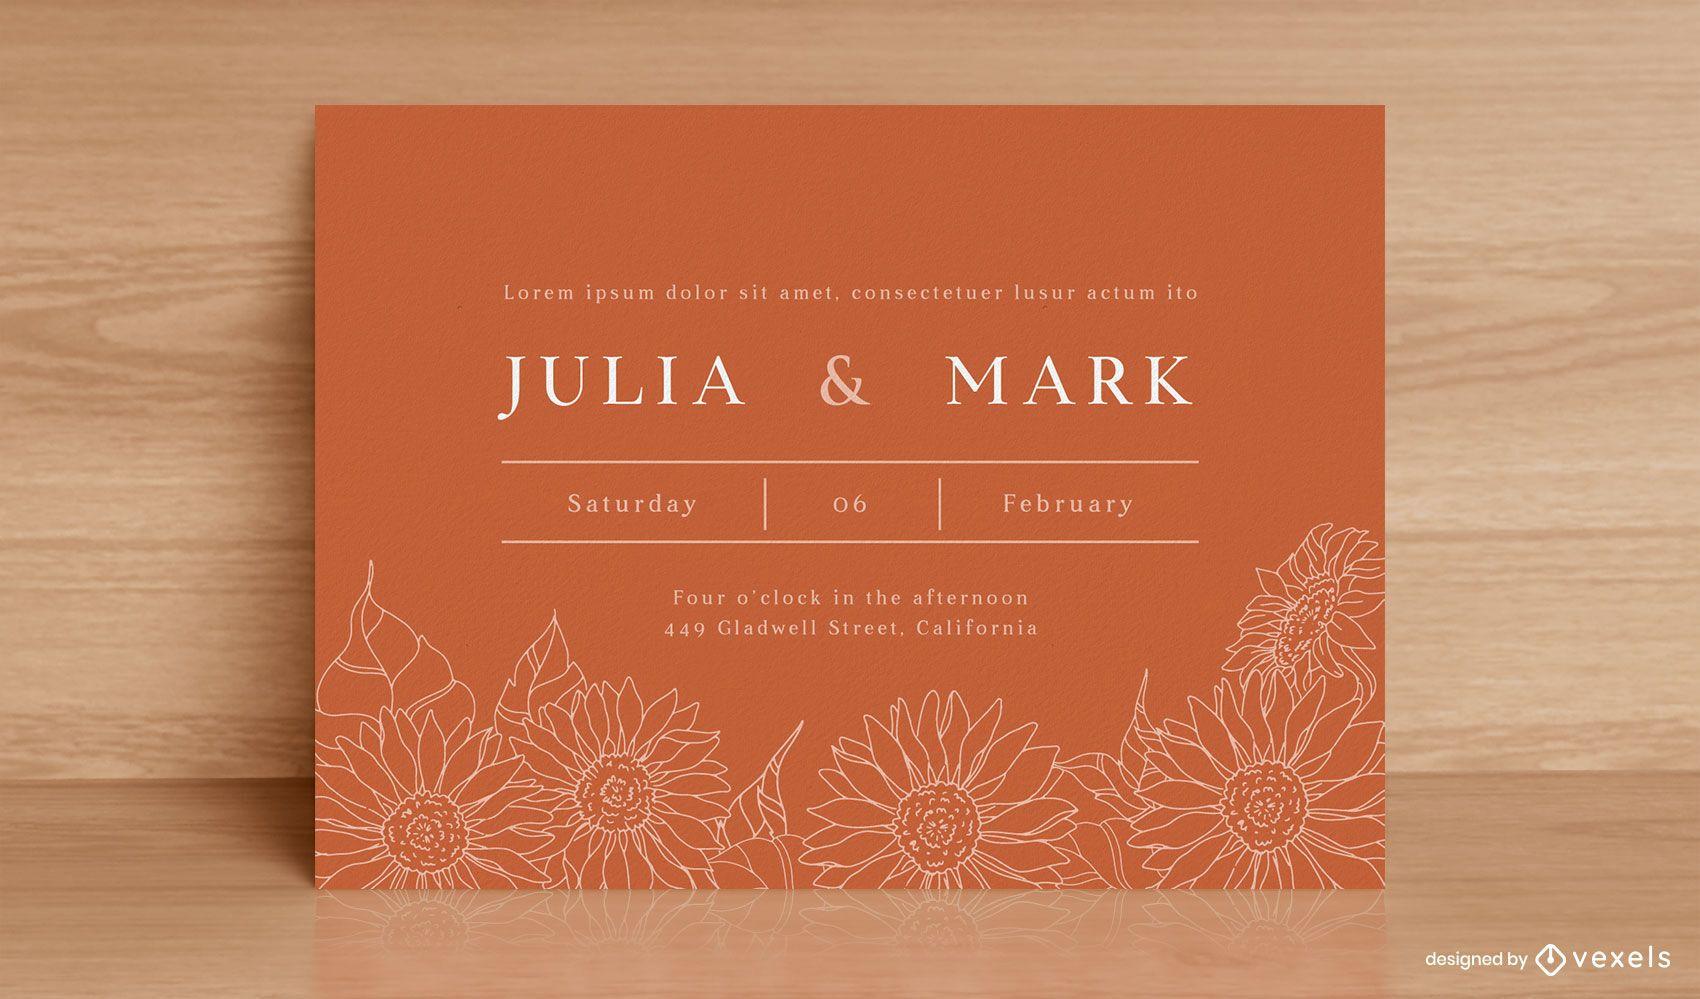 Linie Kunst Sonnenblumen Hochzeitseinladungsdesign